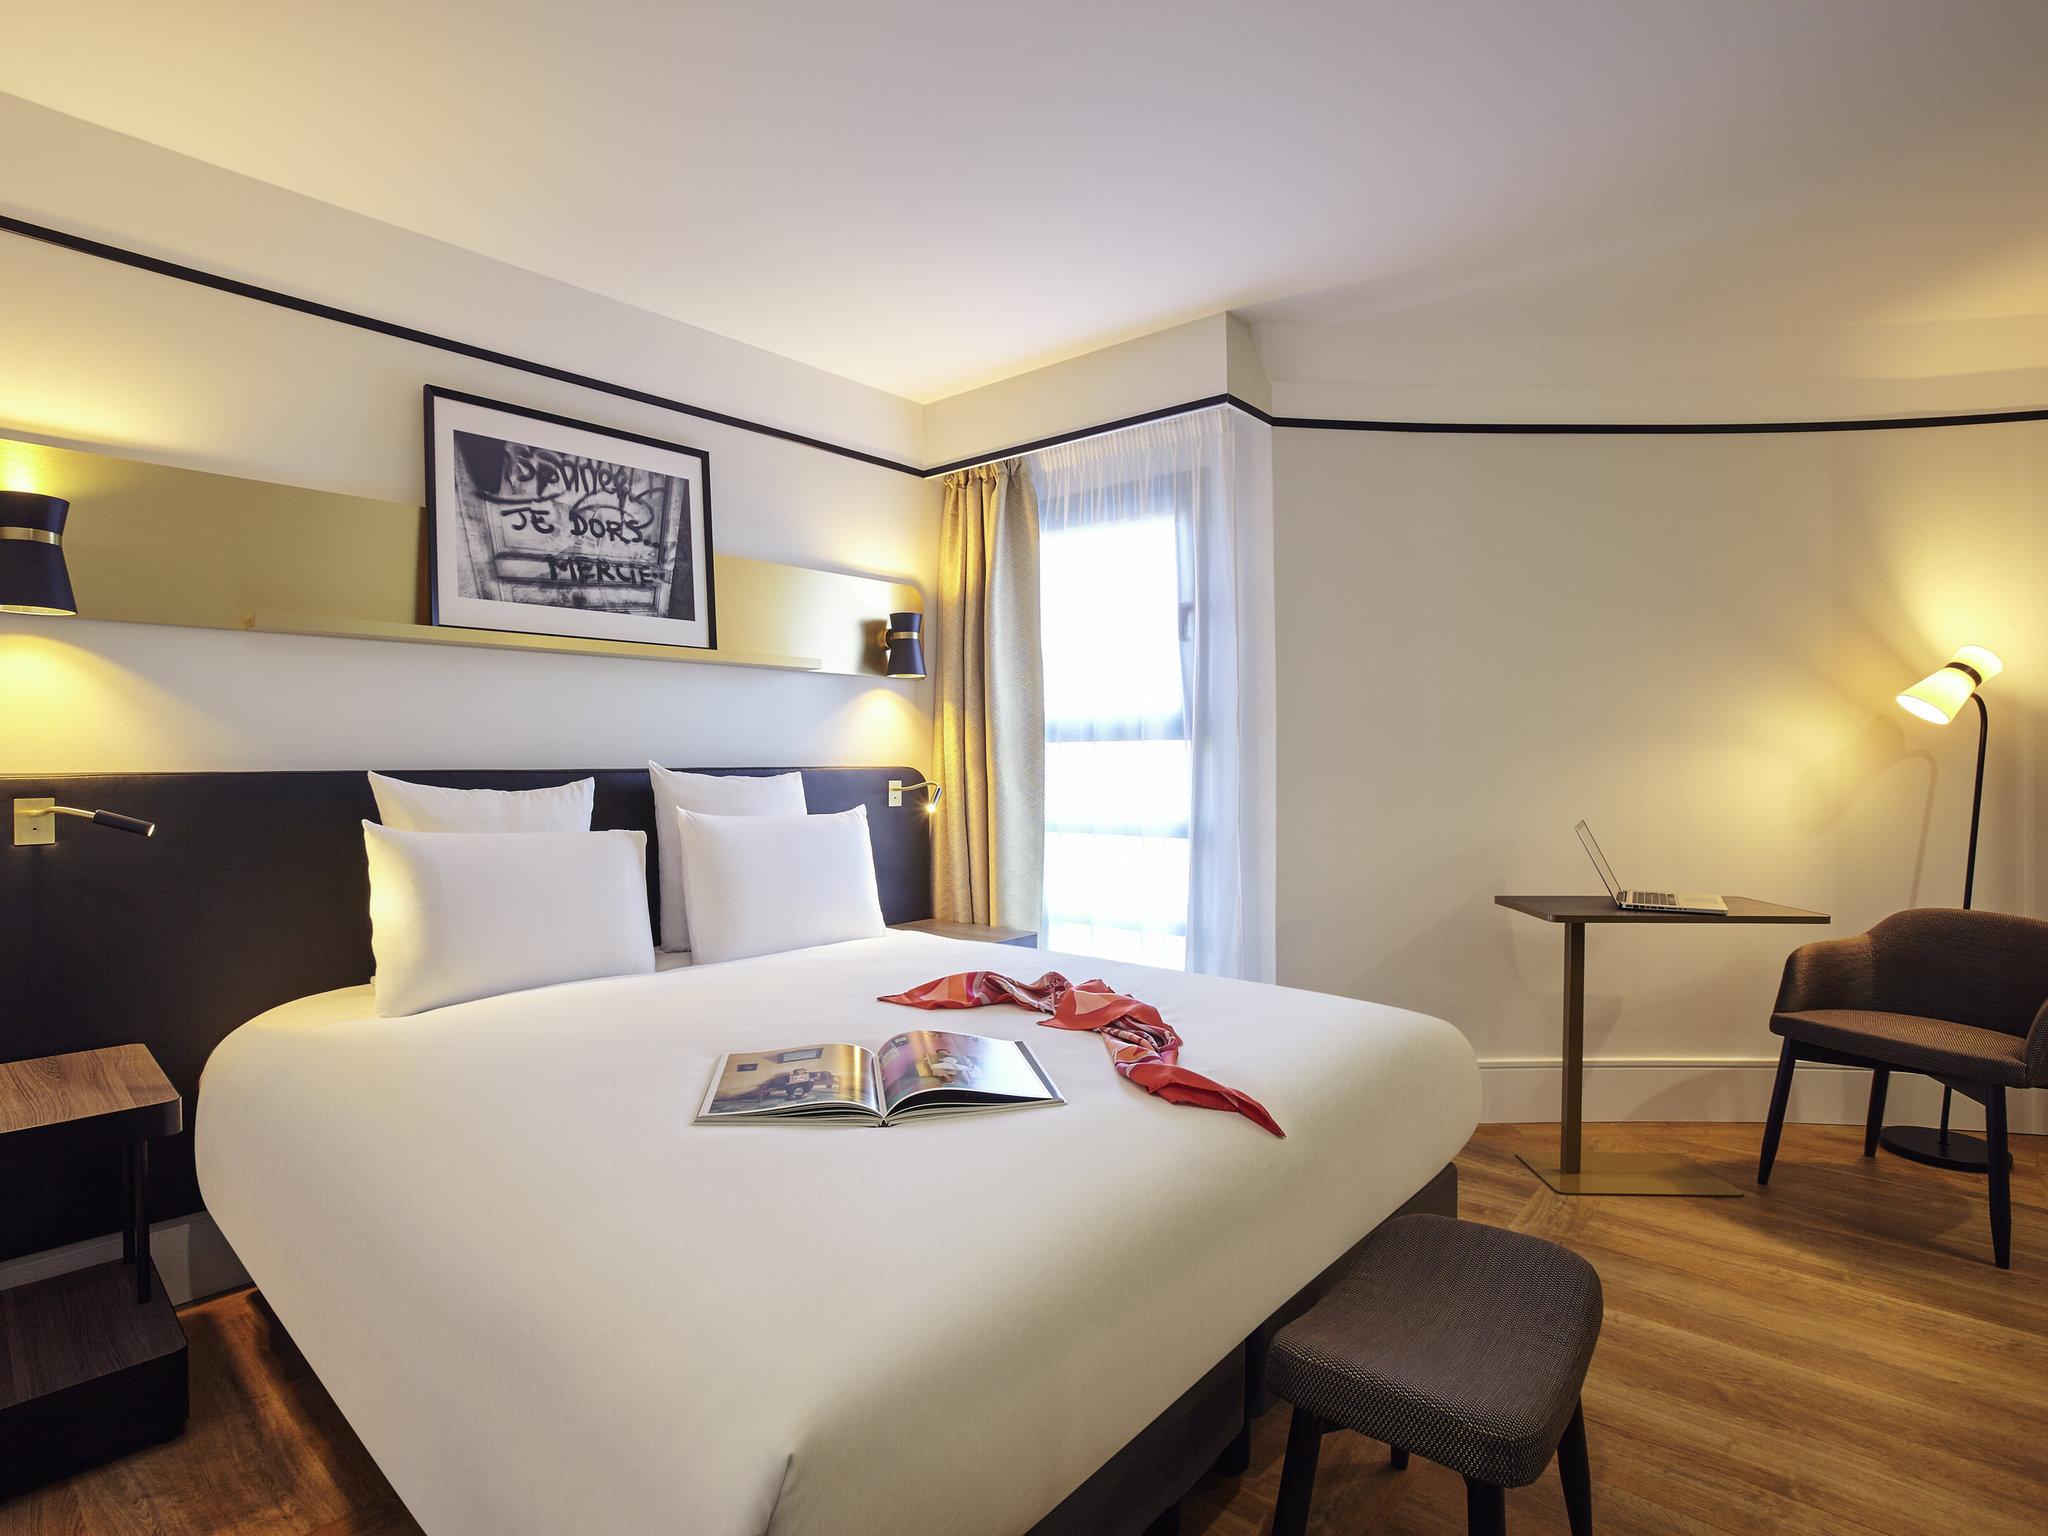 Hotel – Mercure Paris Saint-Ouen hotel